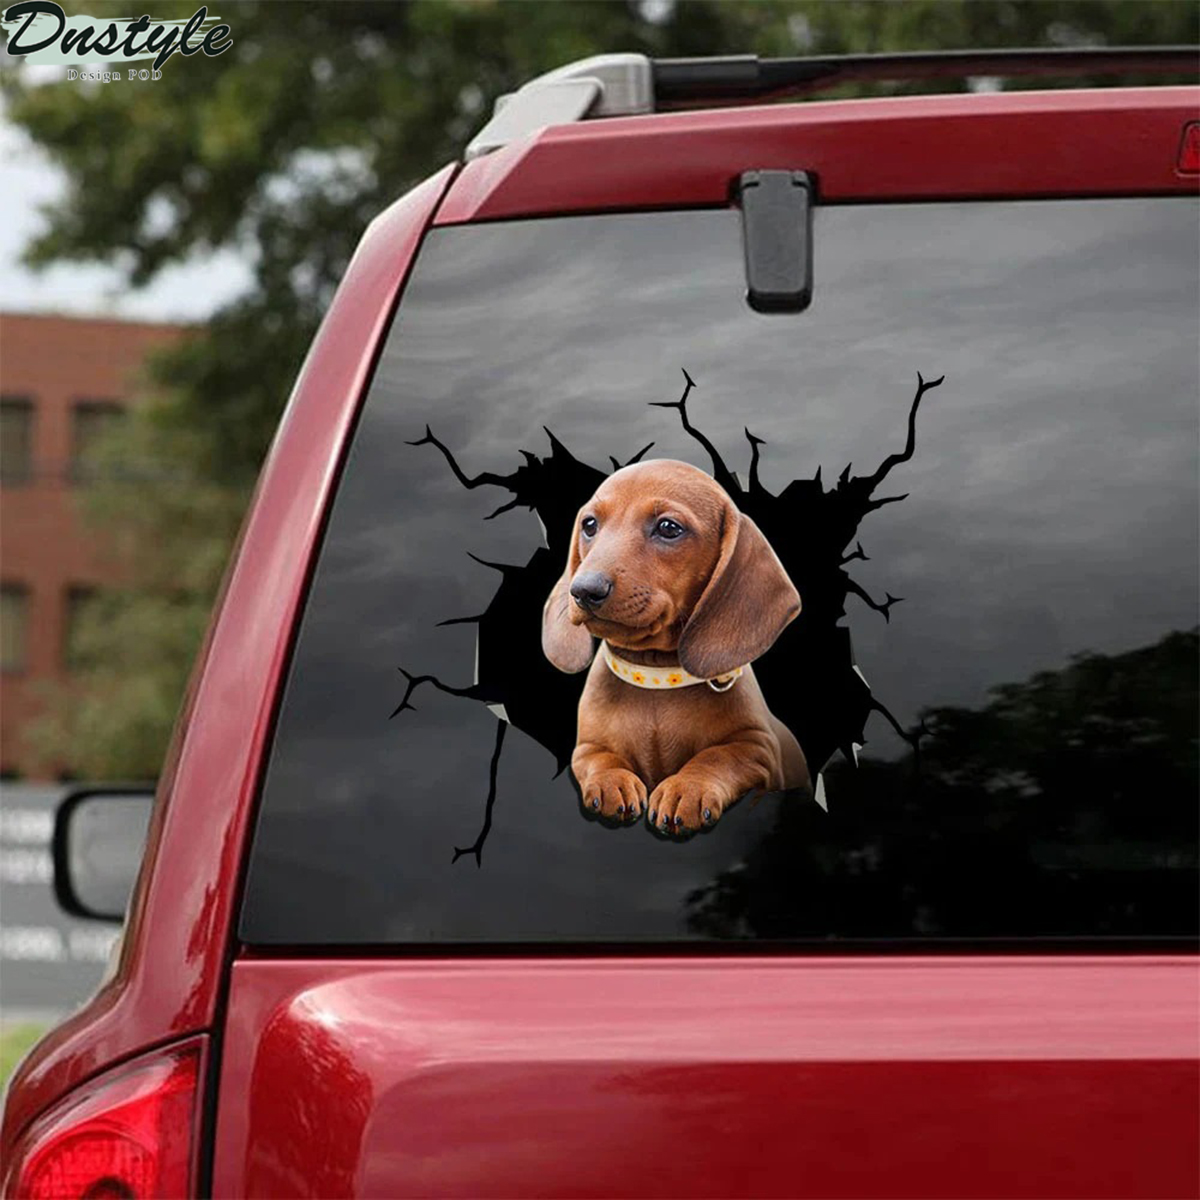 Dachshund crack car decal sticker 1